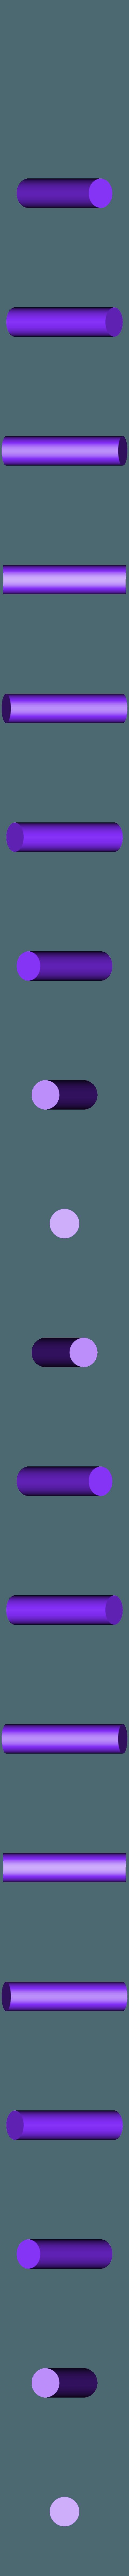 Axle_2.stl Télécharger fichier STL gratuit Démonstrateur à pignon flottant • Objet imprimable en 3D, gzumwalt